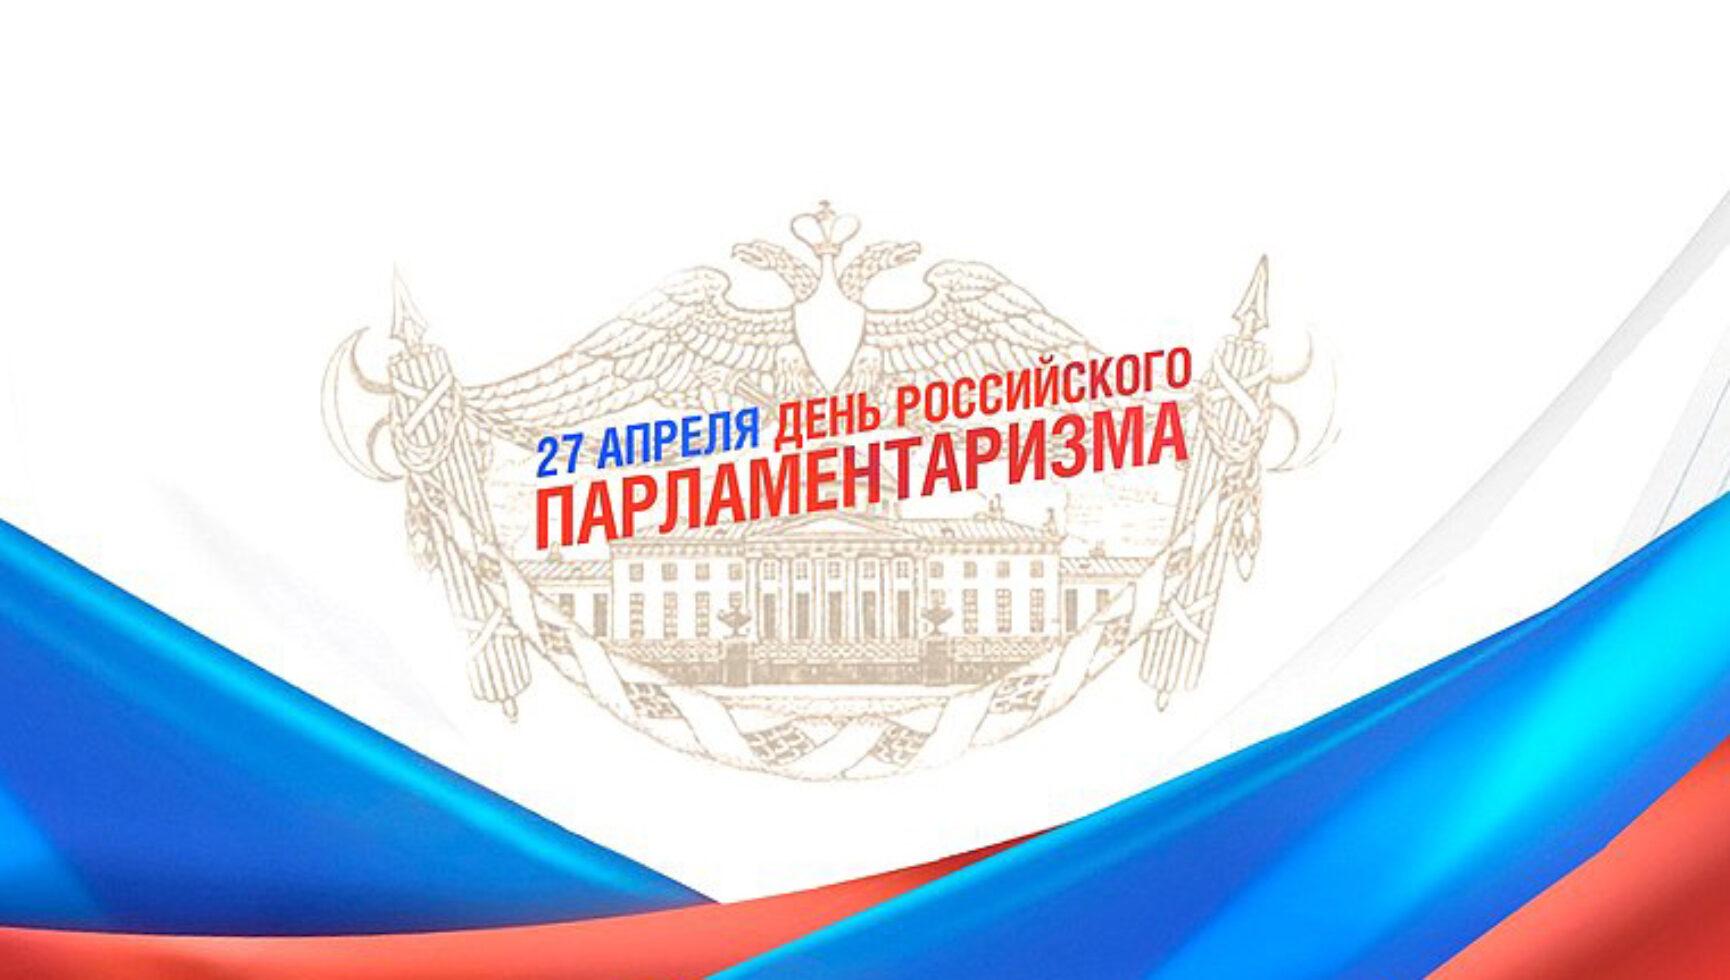 В День российского парламентаризма В.Б. Кидяев обратился с самыми теплыми пожеланиями ко всем представителям законотворческого процесса